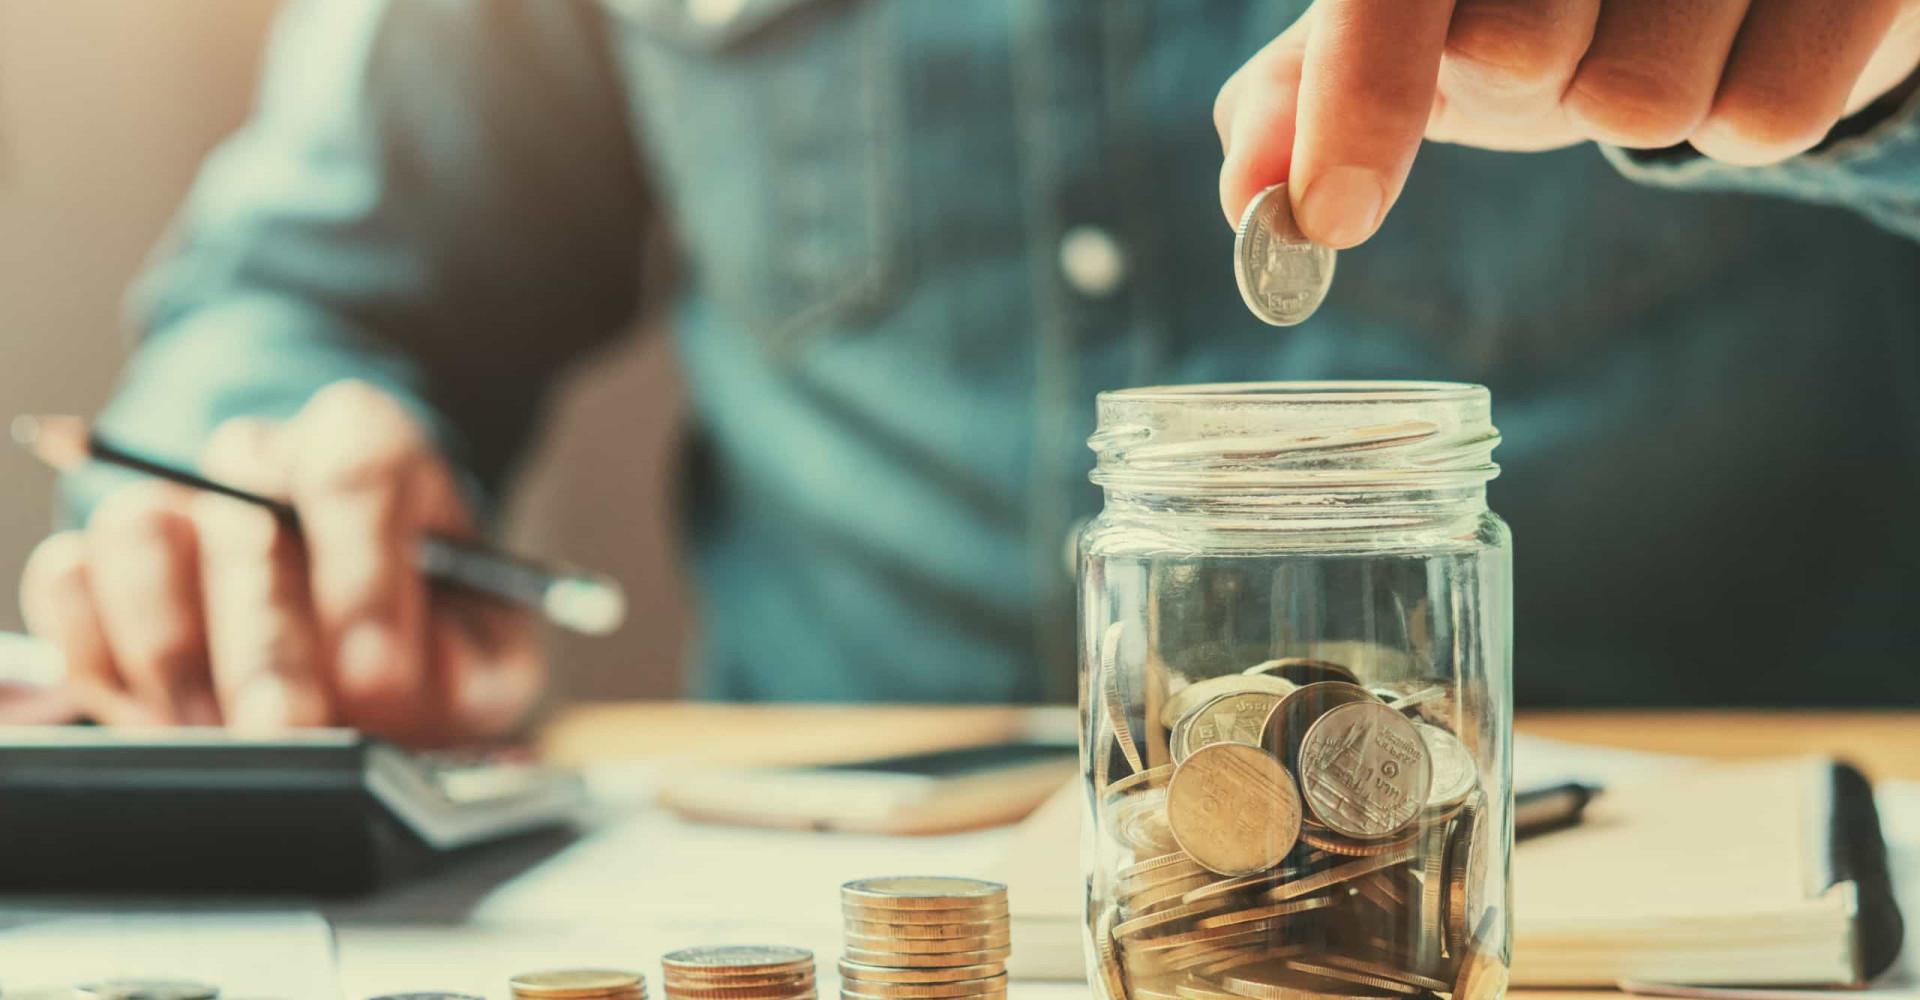 저축의 기회? 격리 기간 동안 돈을 아낄 수 있는 방법